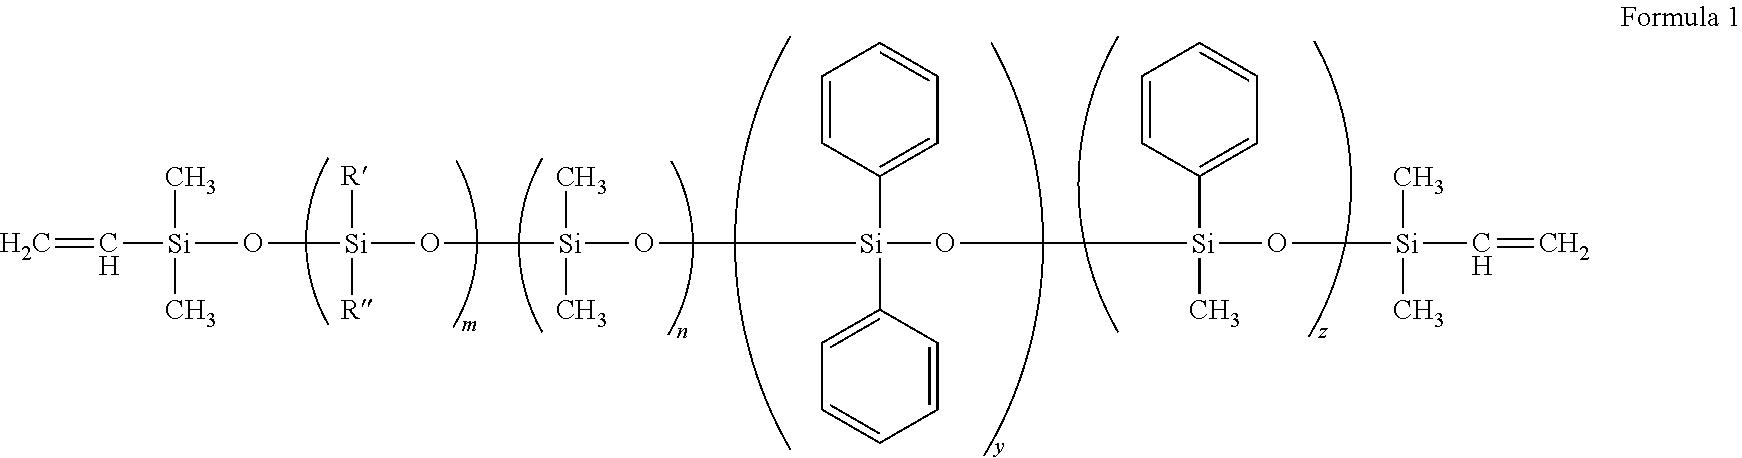 Figure US09339373-20160517-C00005